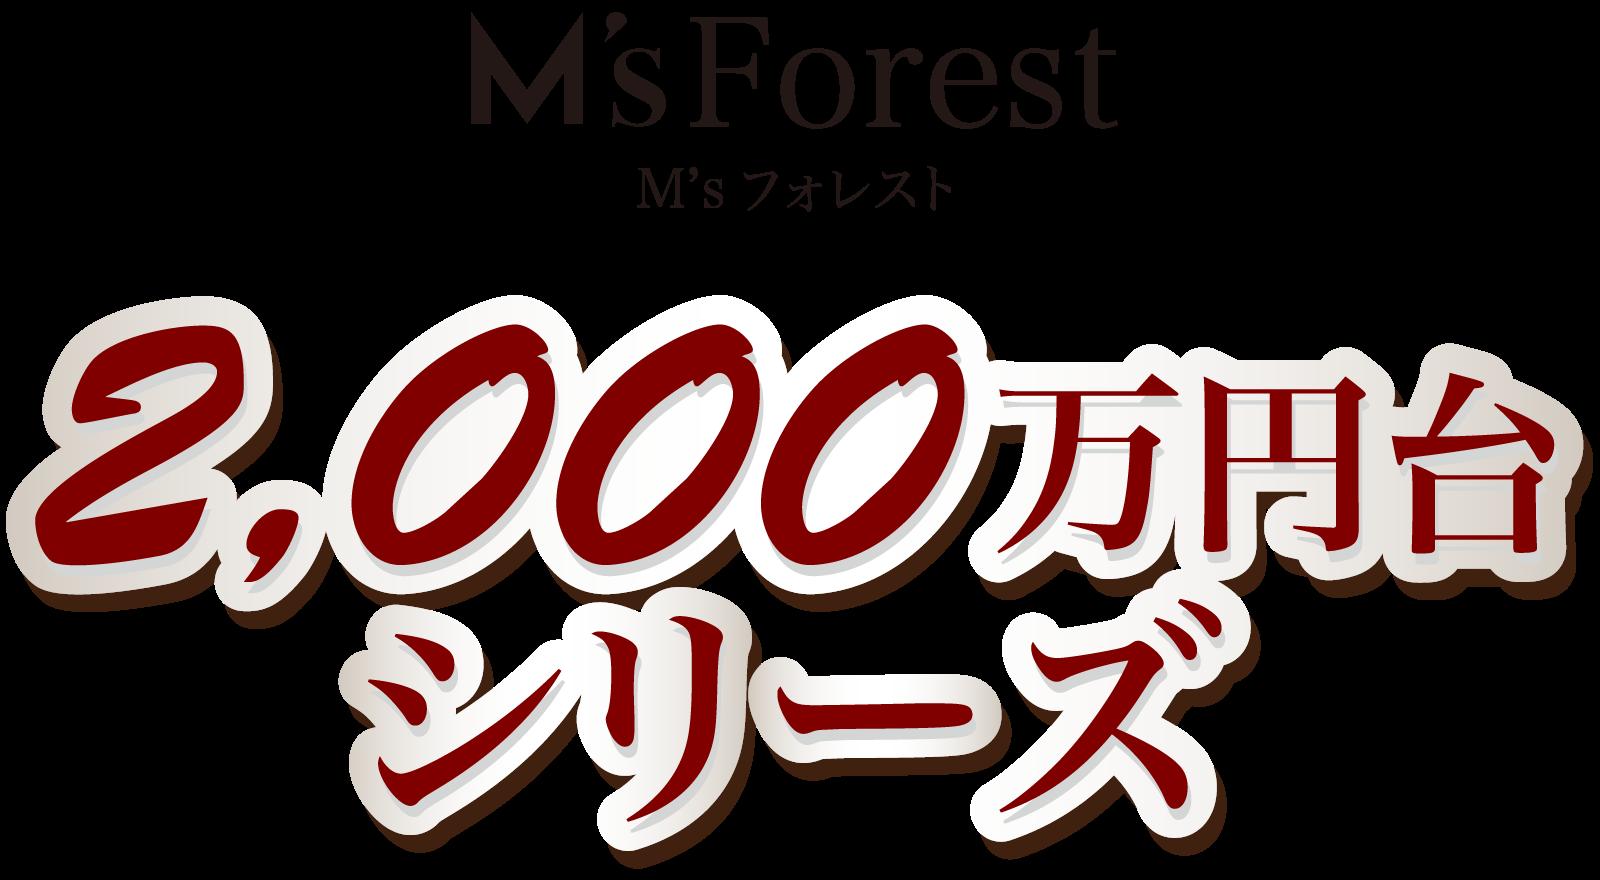 M'sフォレスト 2000万円台シリーズ